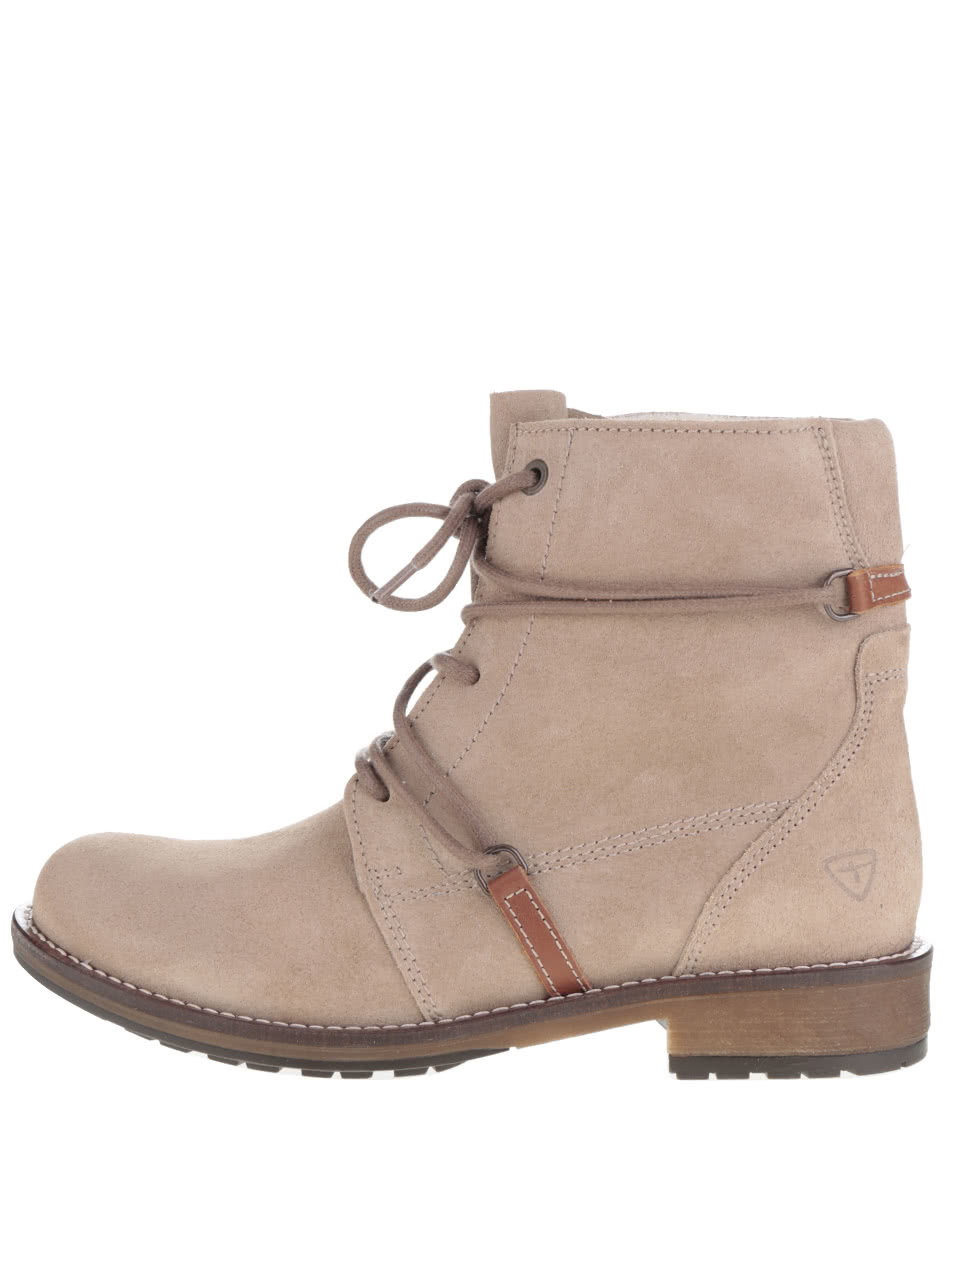 c2898ae96688 Béžové semišové členkové topánky s neobvyklým šnurovaním Tamaris ...